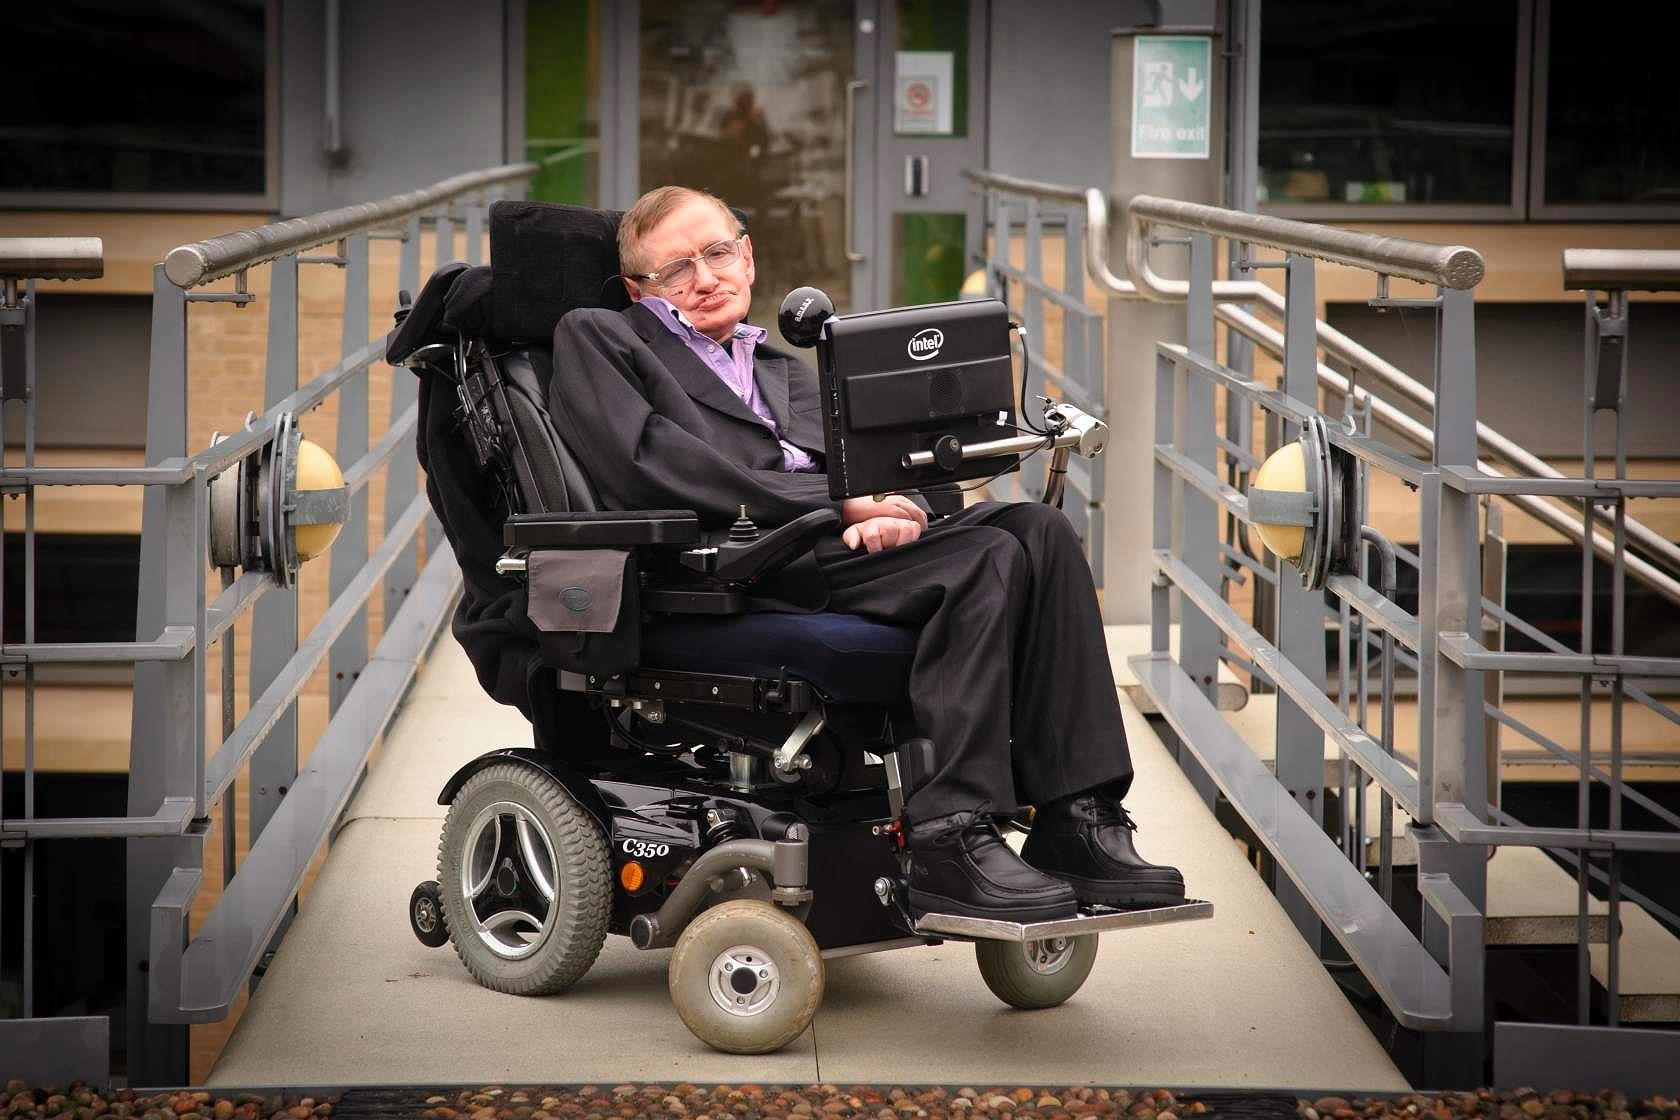 Đấu giá các món đồ 'độc' của ông hoàng vật lý Stephen Hawking Ảnh 1